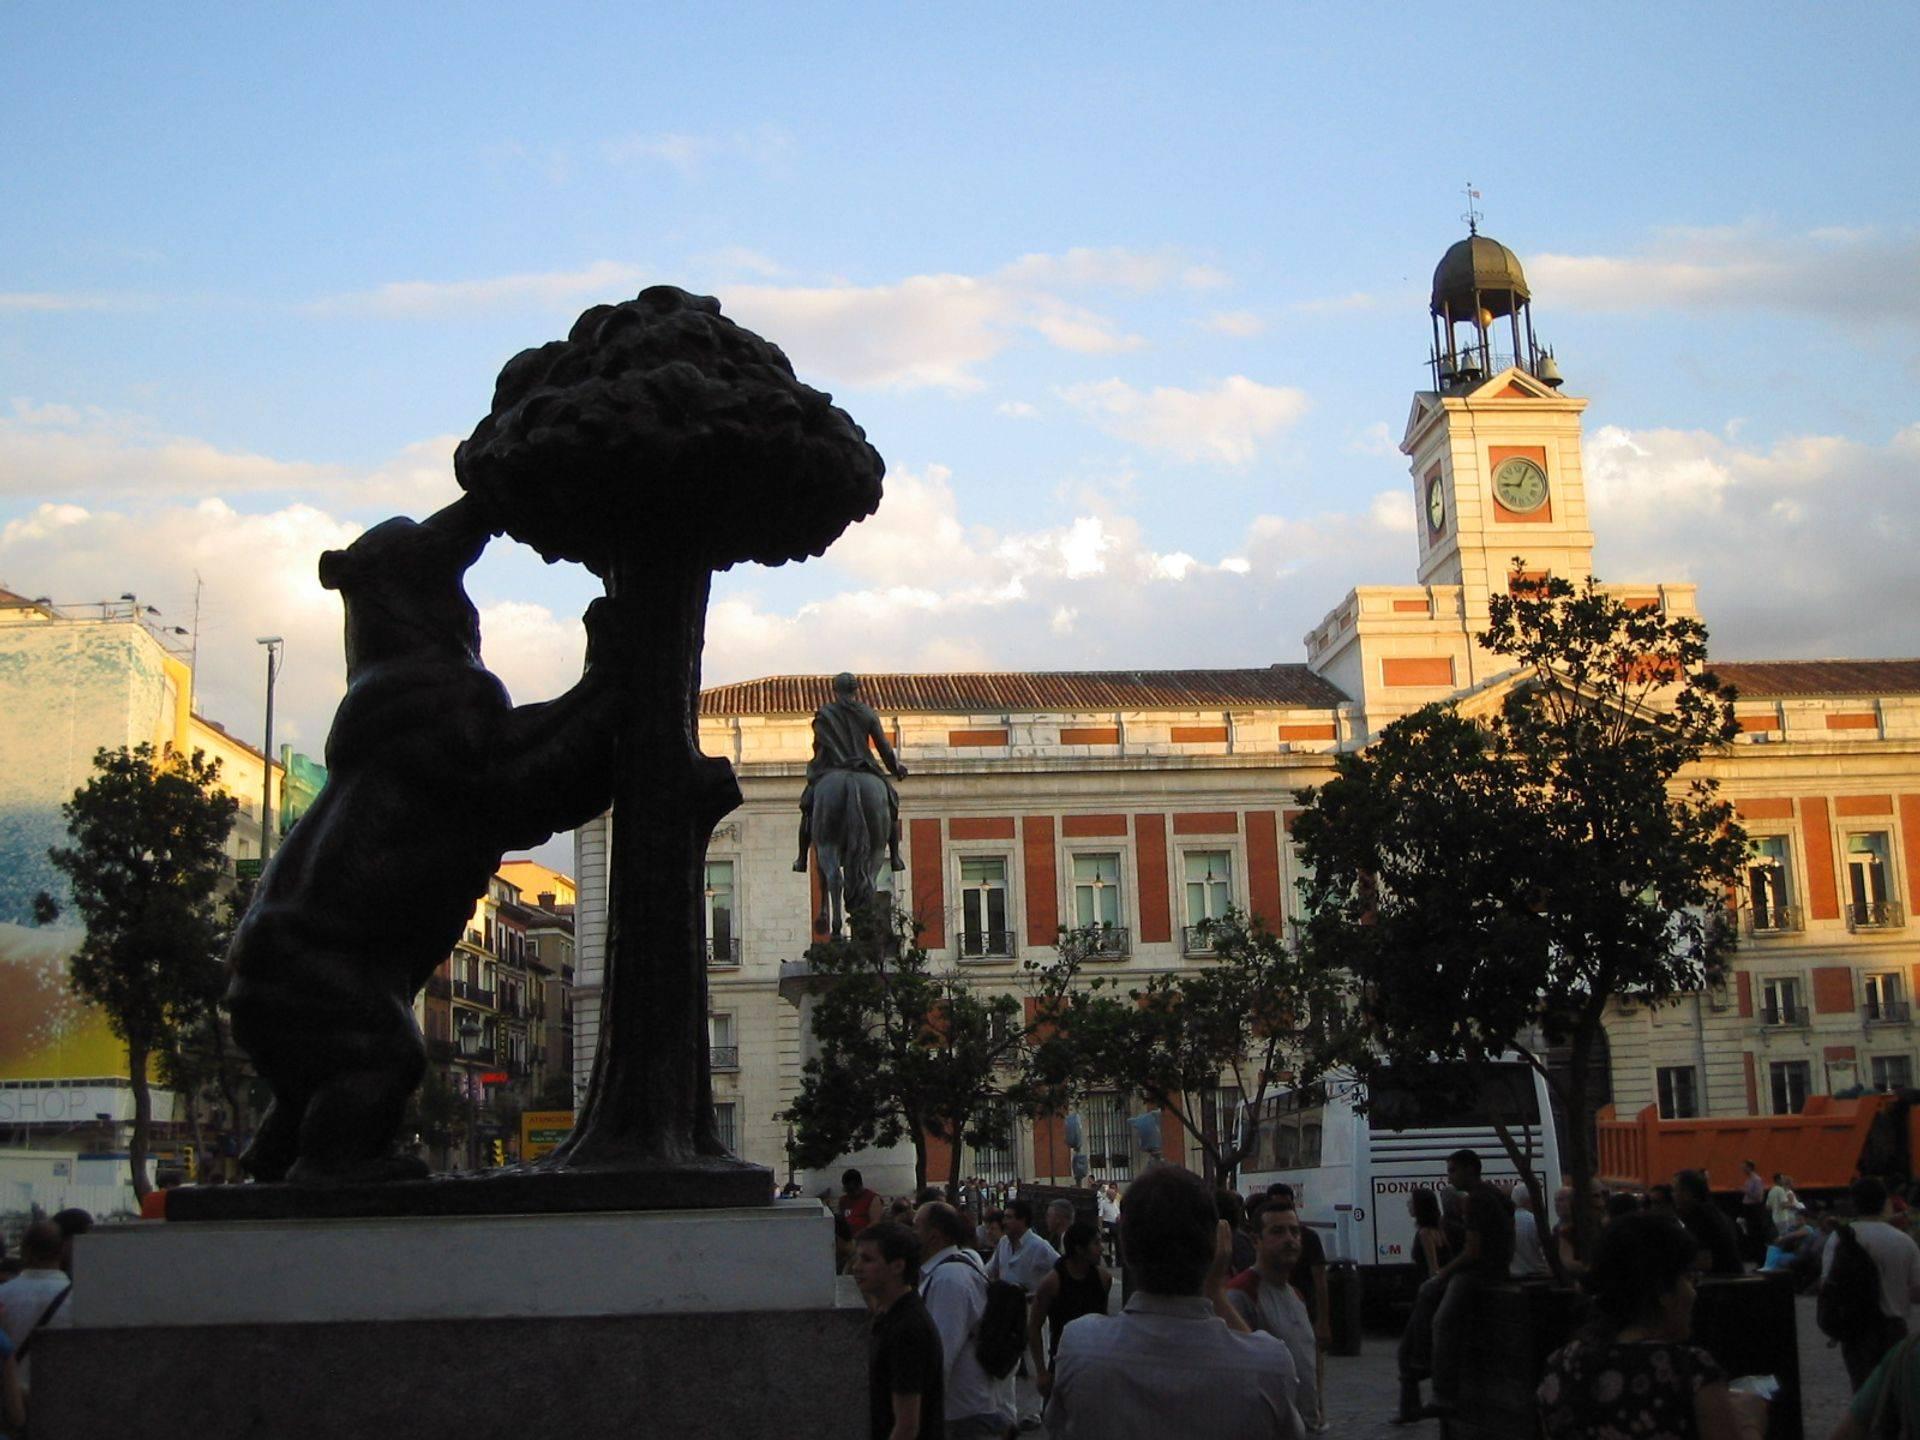 Madri por guia brasileira em Madri